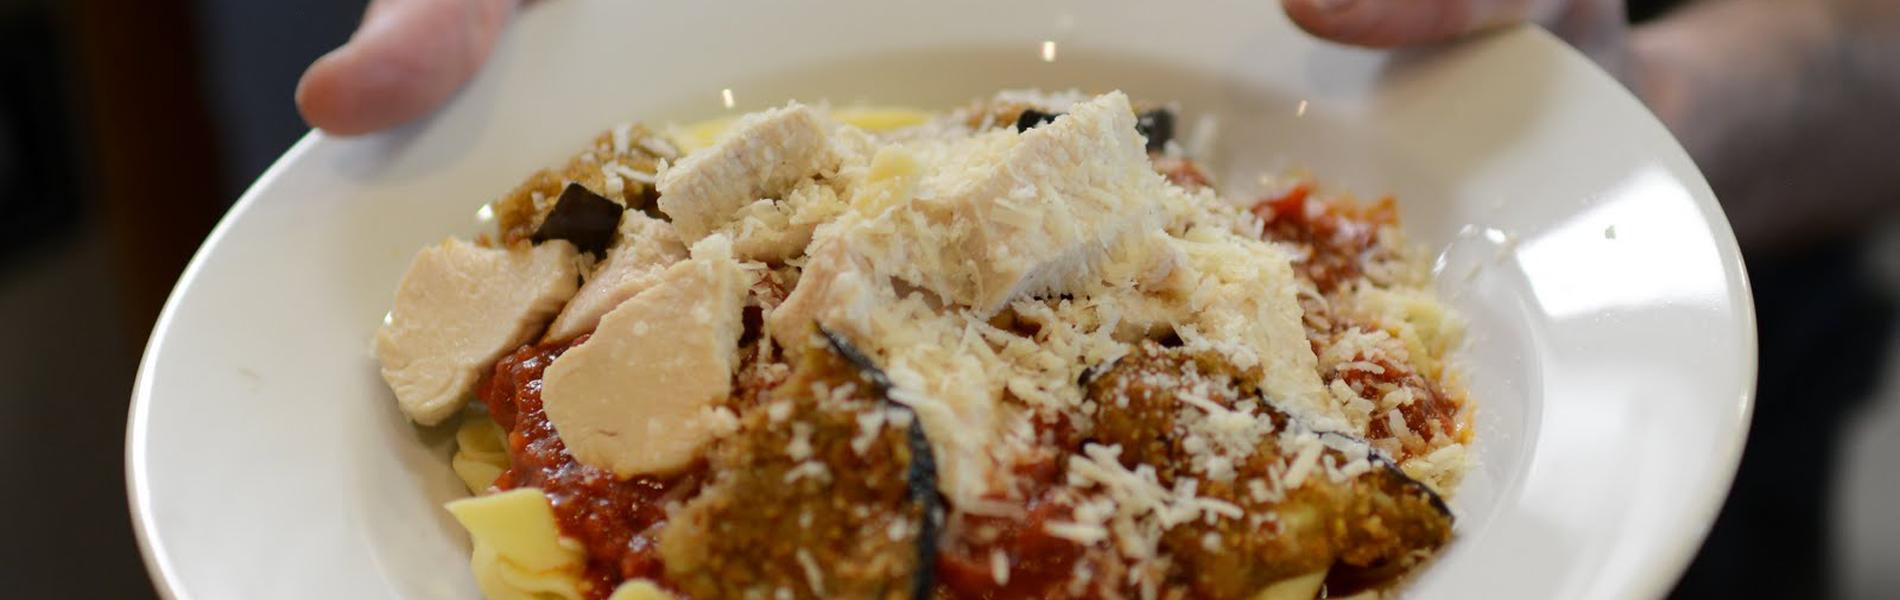 Homemade Pasta & Gourmet Sauce | Twyrl Pasta Bistro